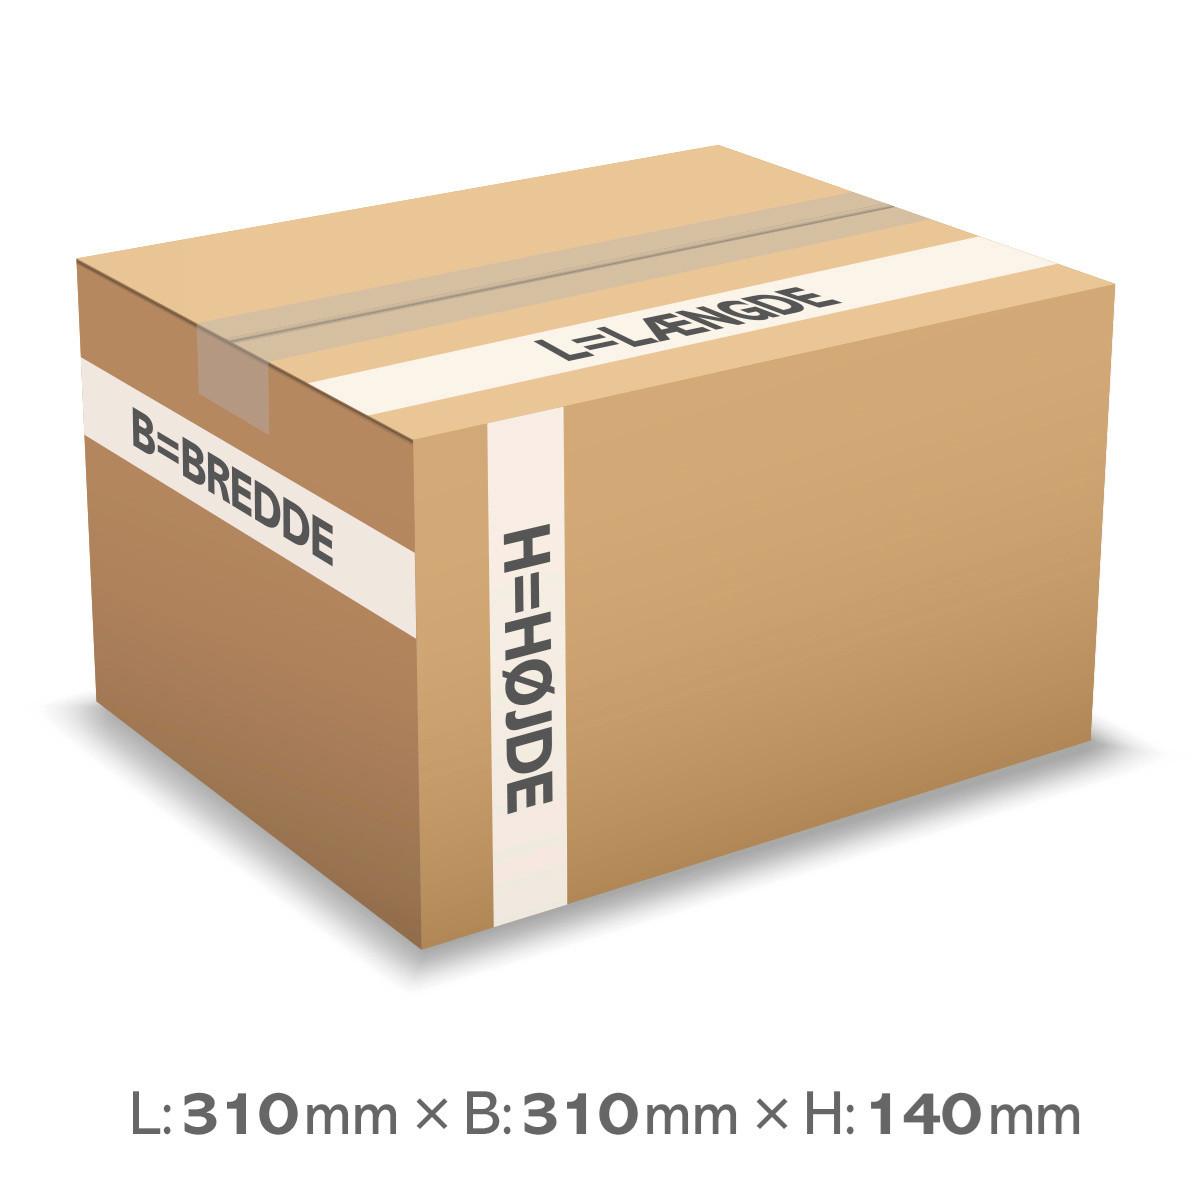 Papkasser 131 - 13L - 3mm - 310 x 310 x 140 mm